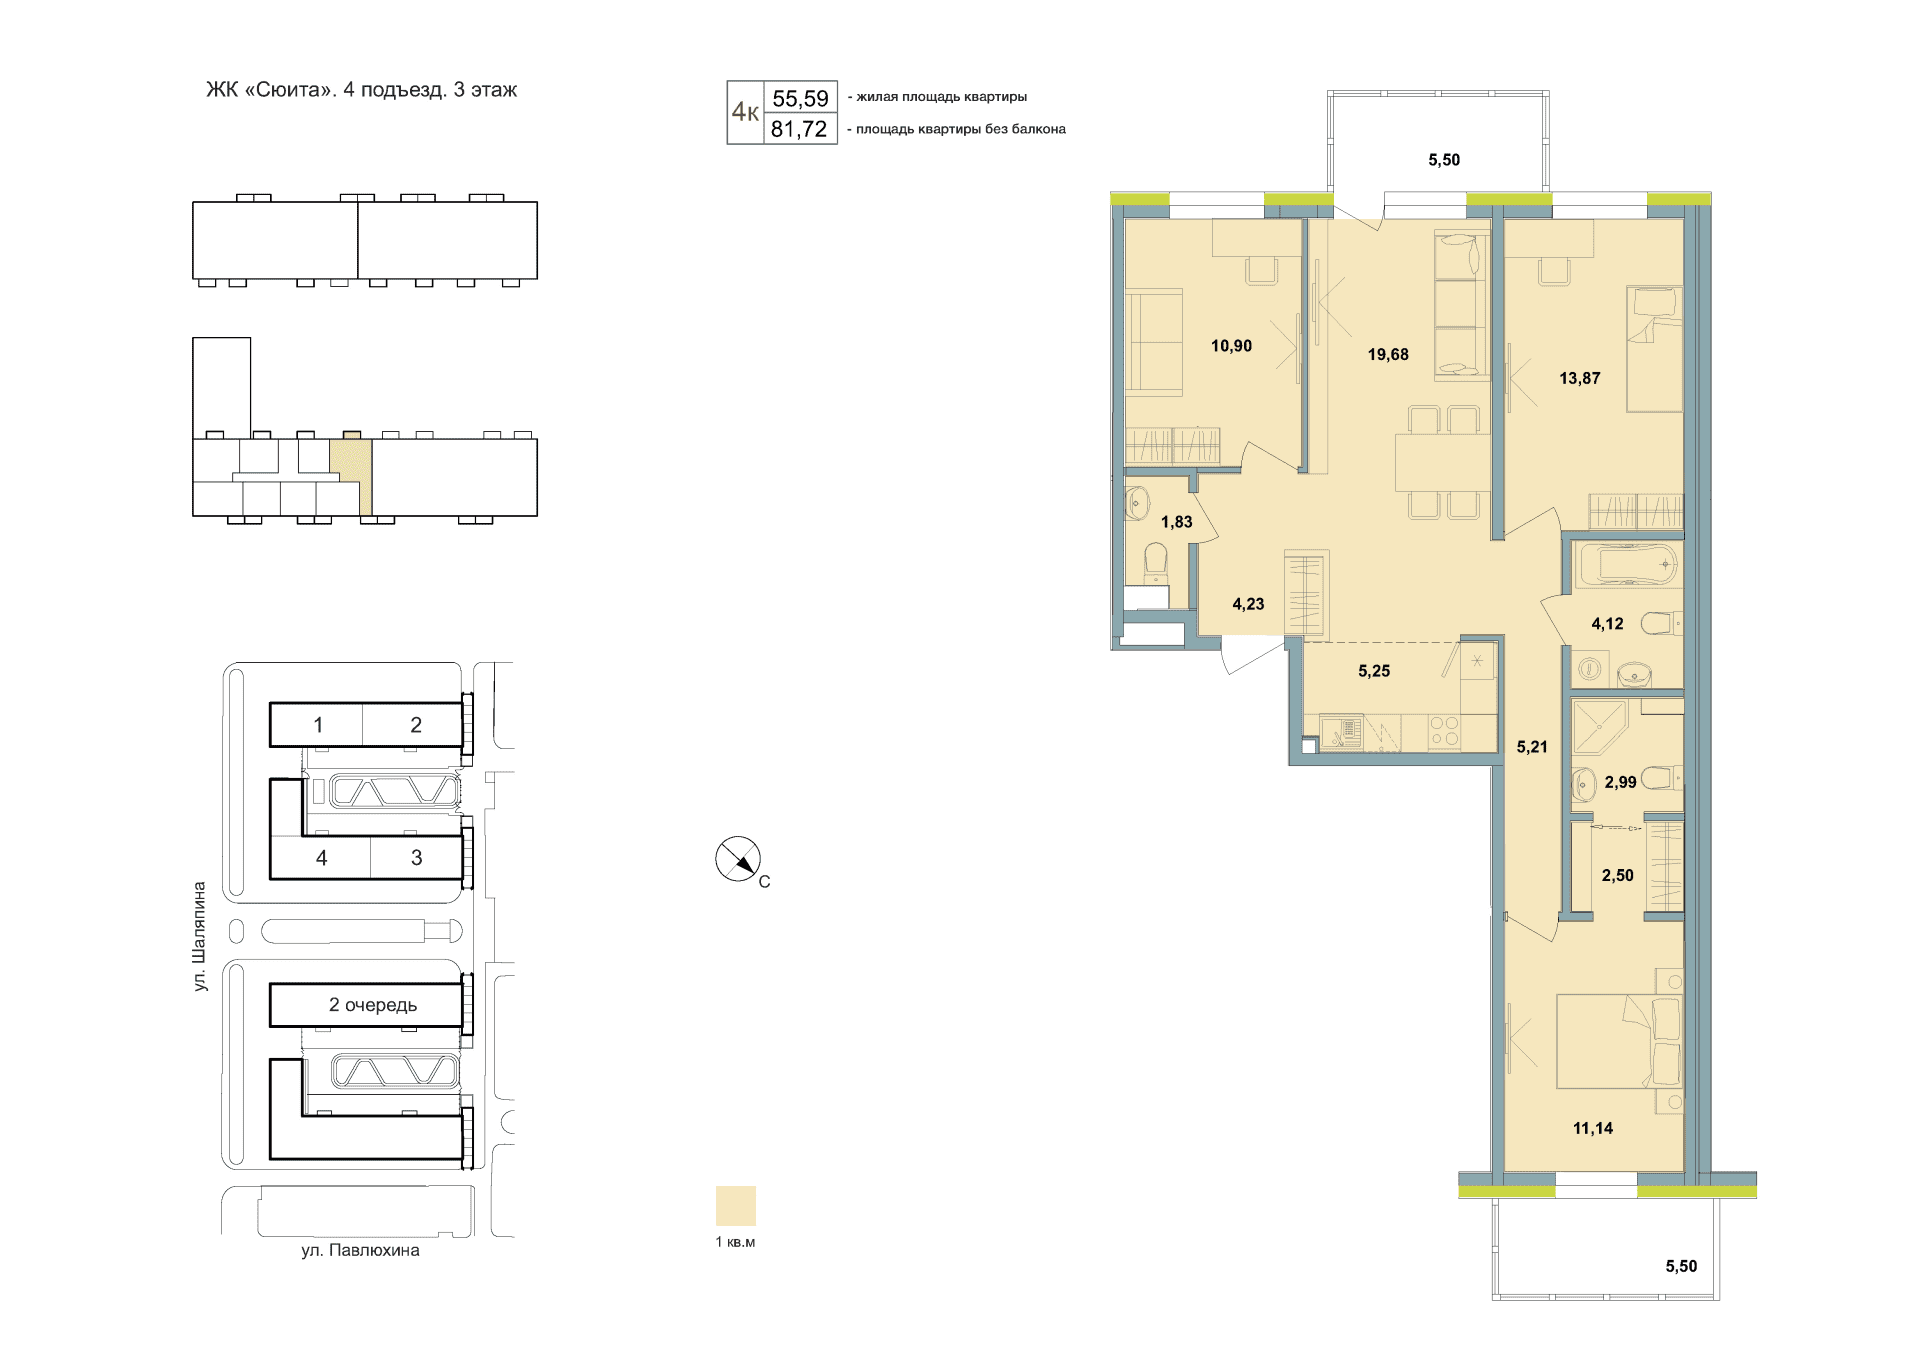 Квартира №155